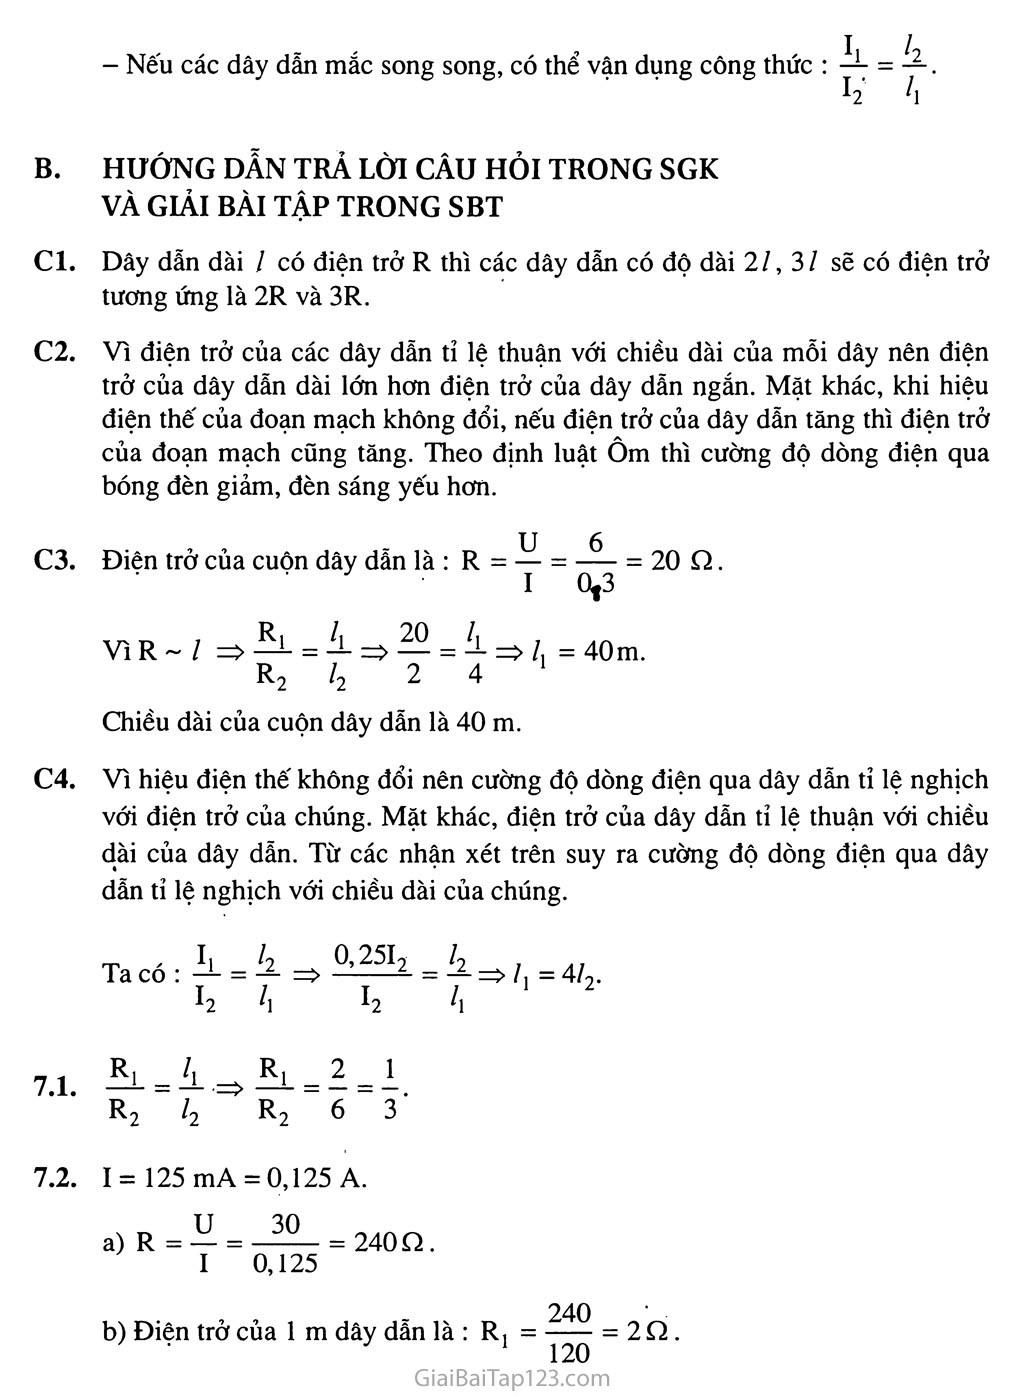 Bài 7: Sự phụ thuộc của điện trở vào chiều dài dây dẫn trang 2